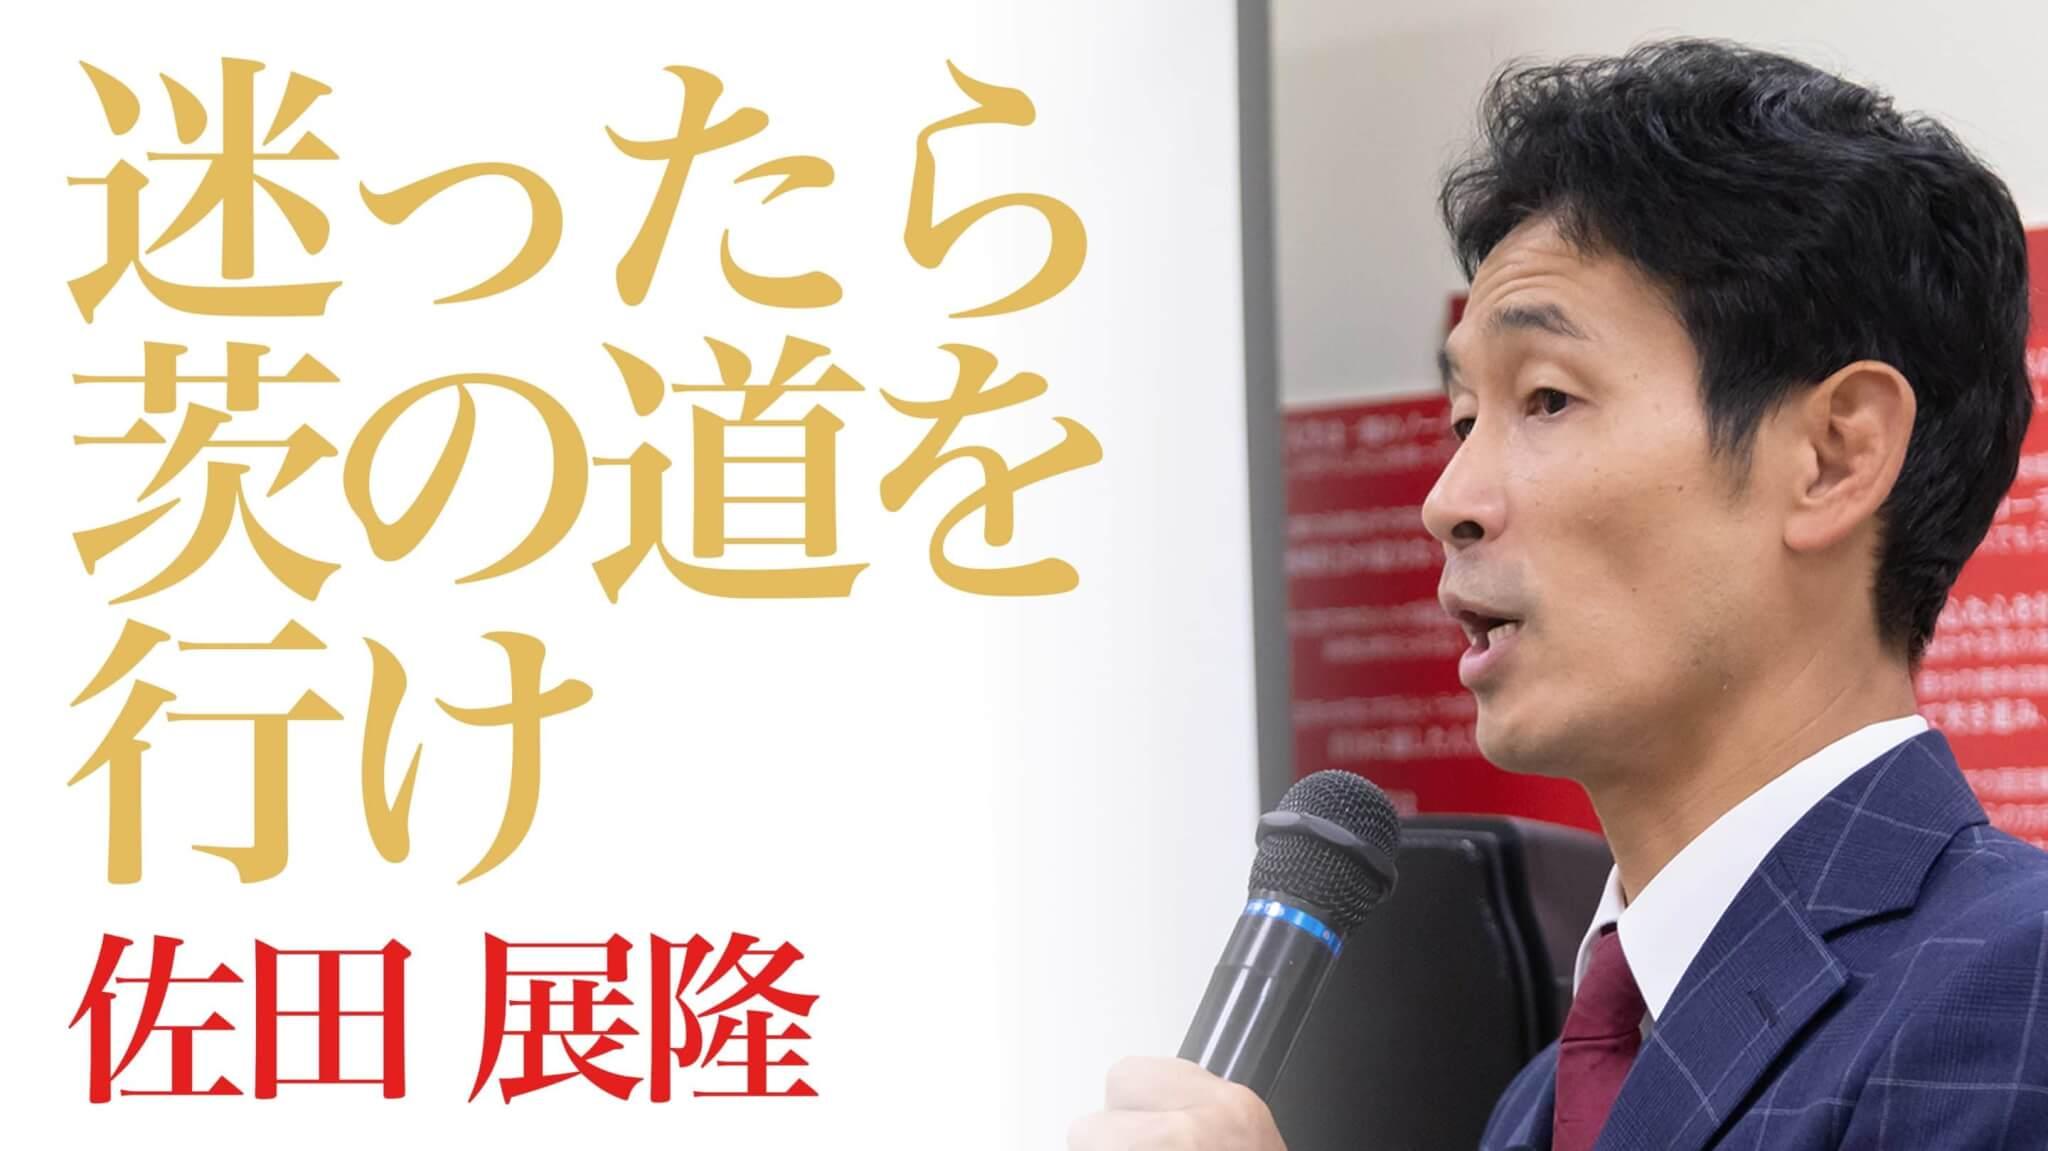 私の経営道 株式会社オーダースーツSADA 佐田展隆